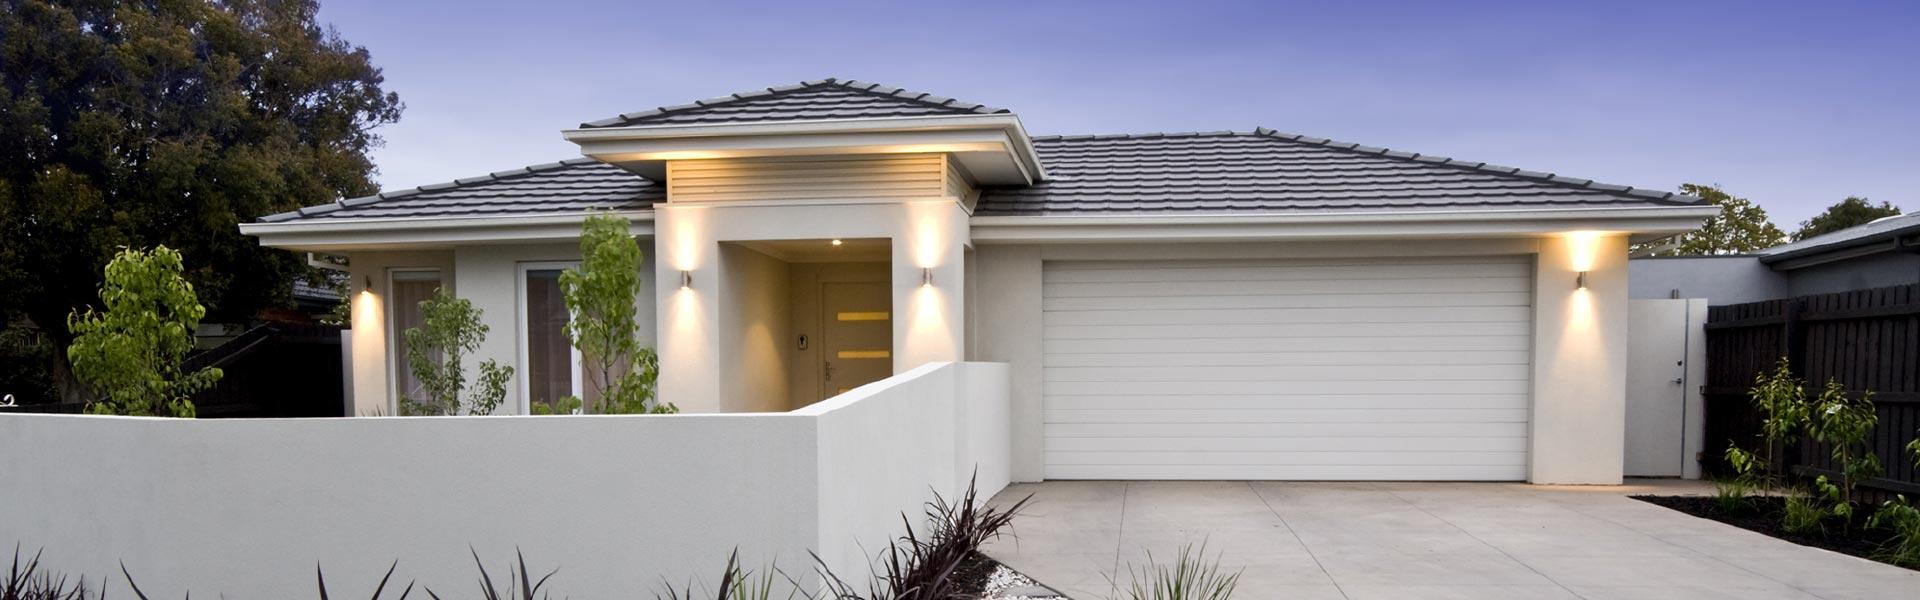 Mortgage brokers in Geelong